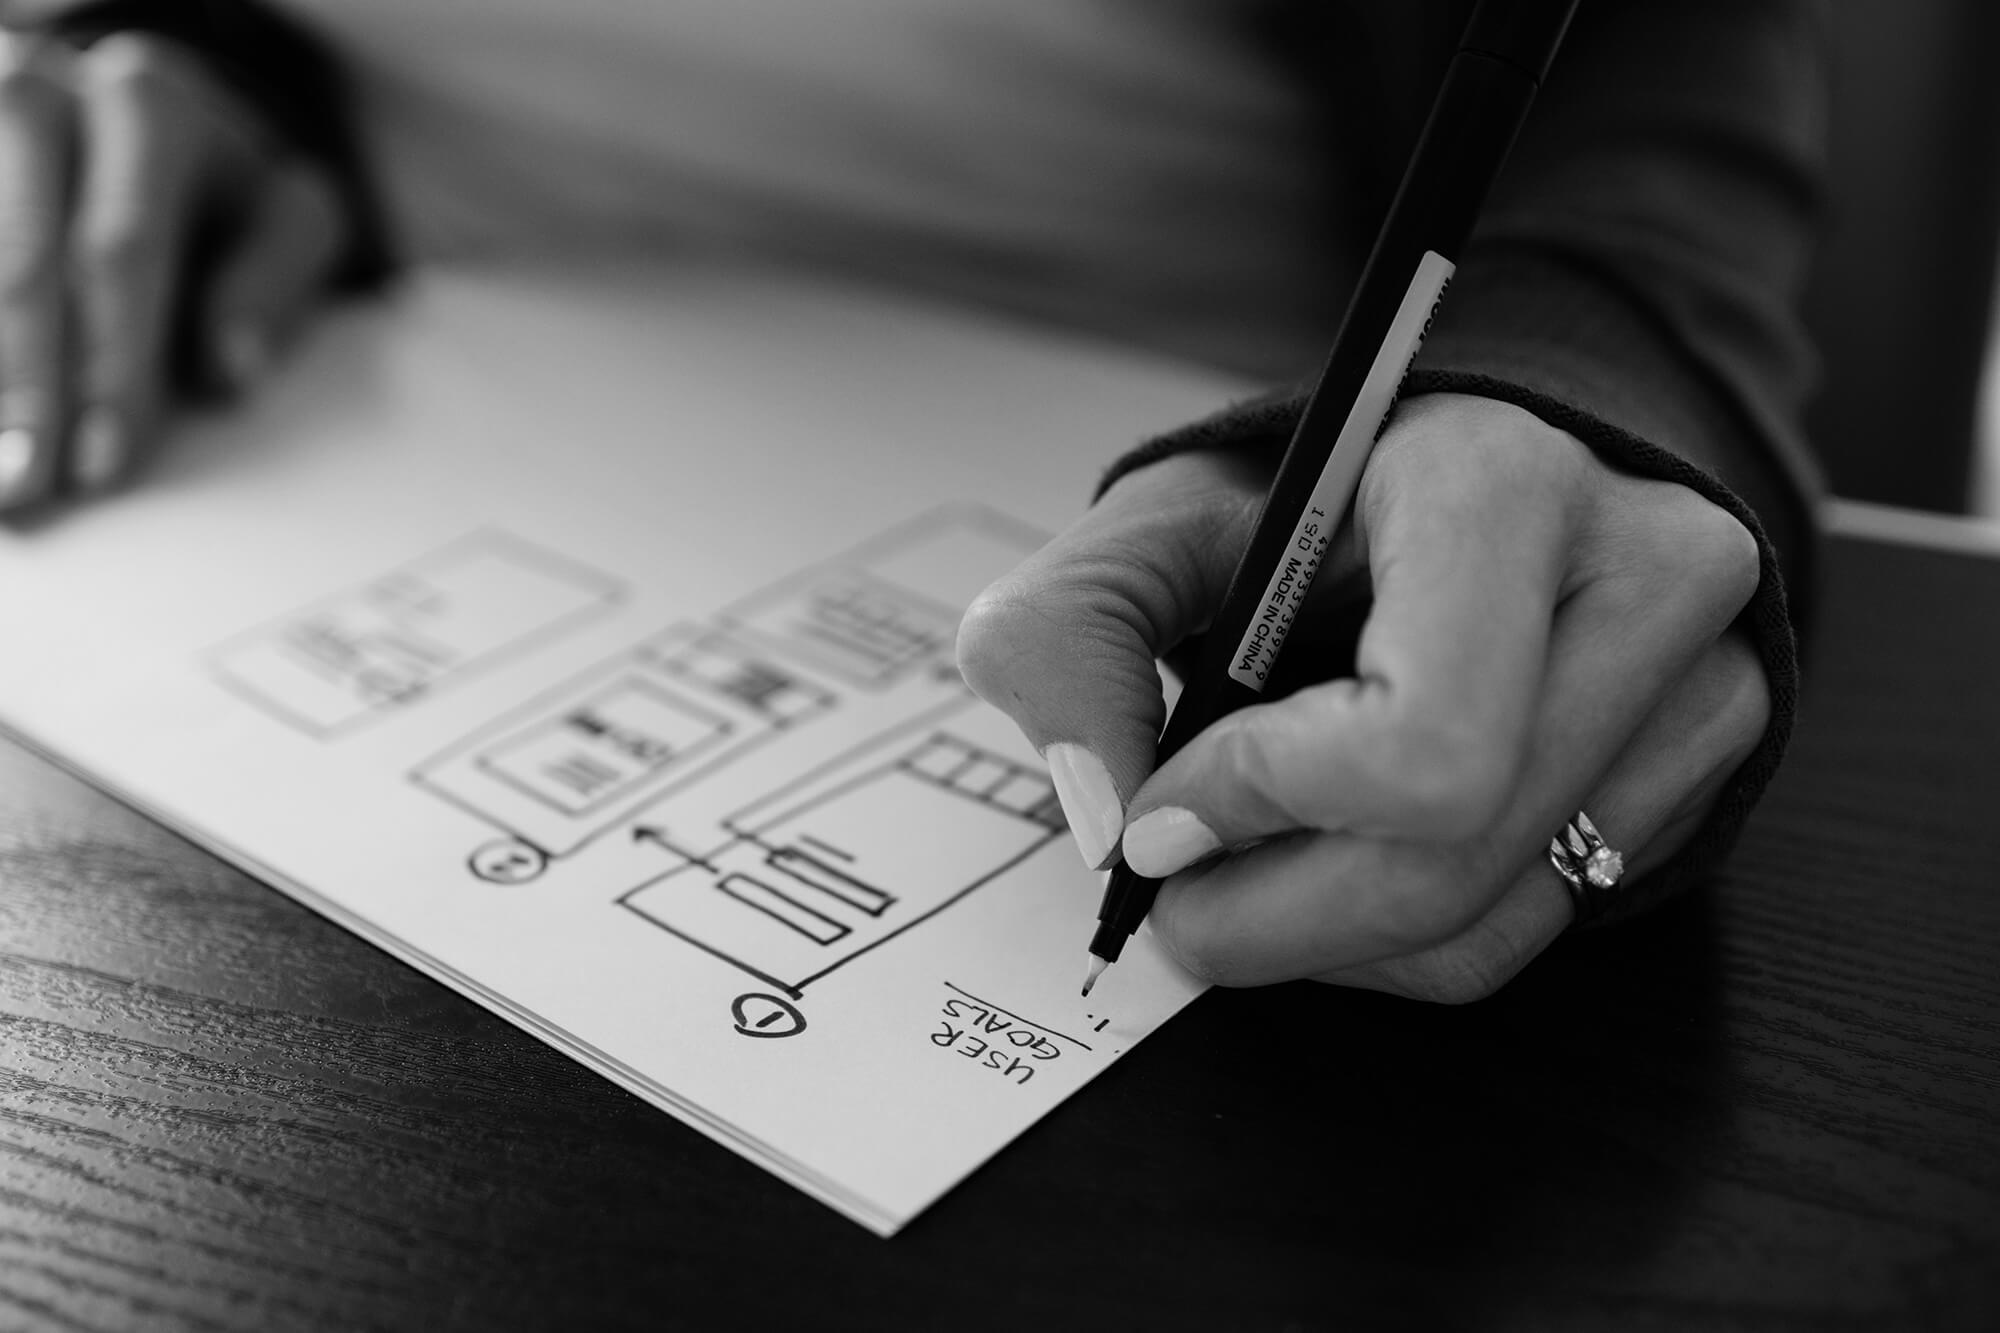 Réalisation du plan de communication pour un éditeur de logiciel